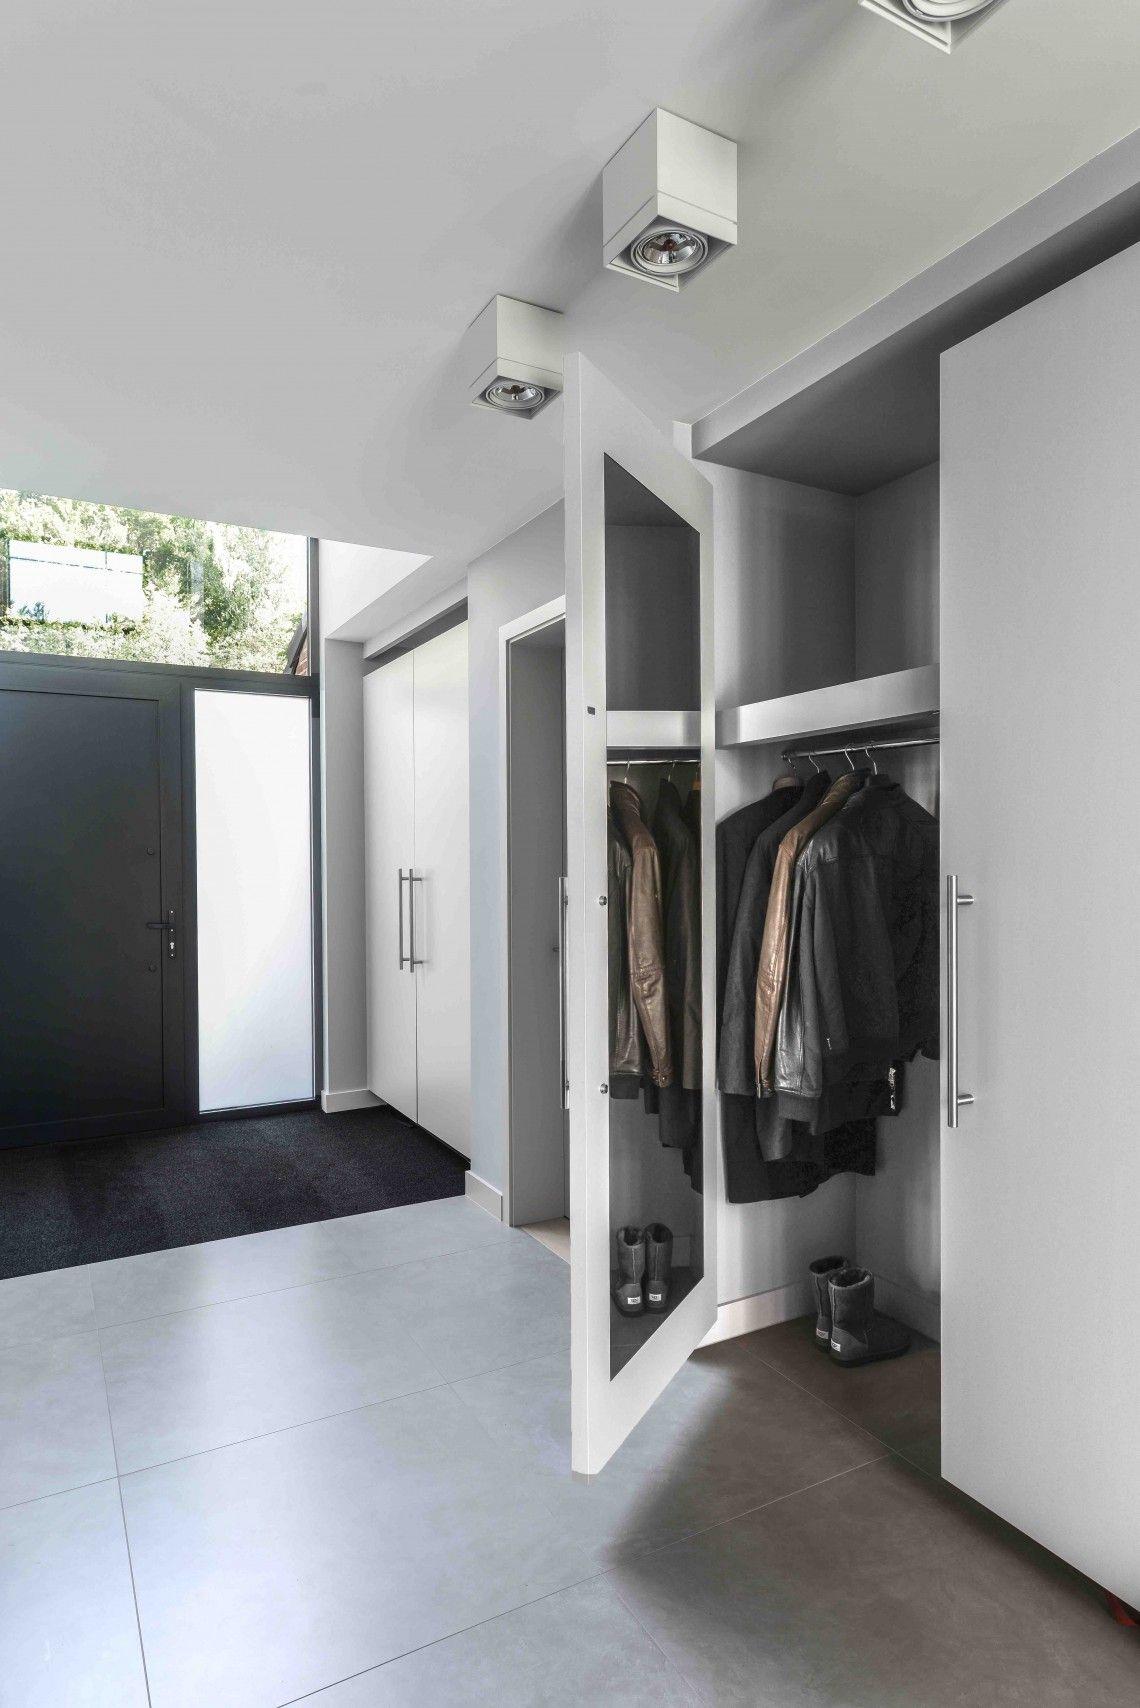 Hausflur Design diele in schlichtem design bauhausstil diele